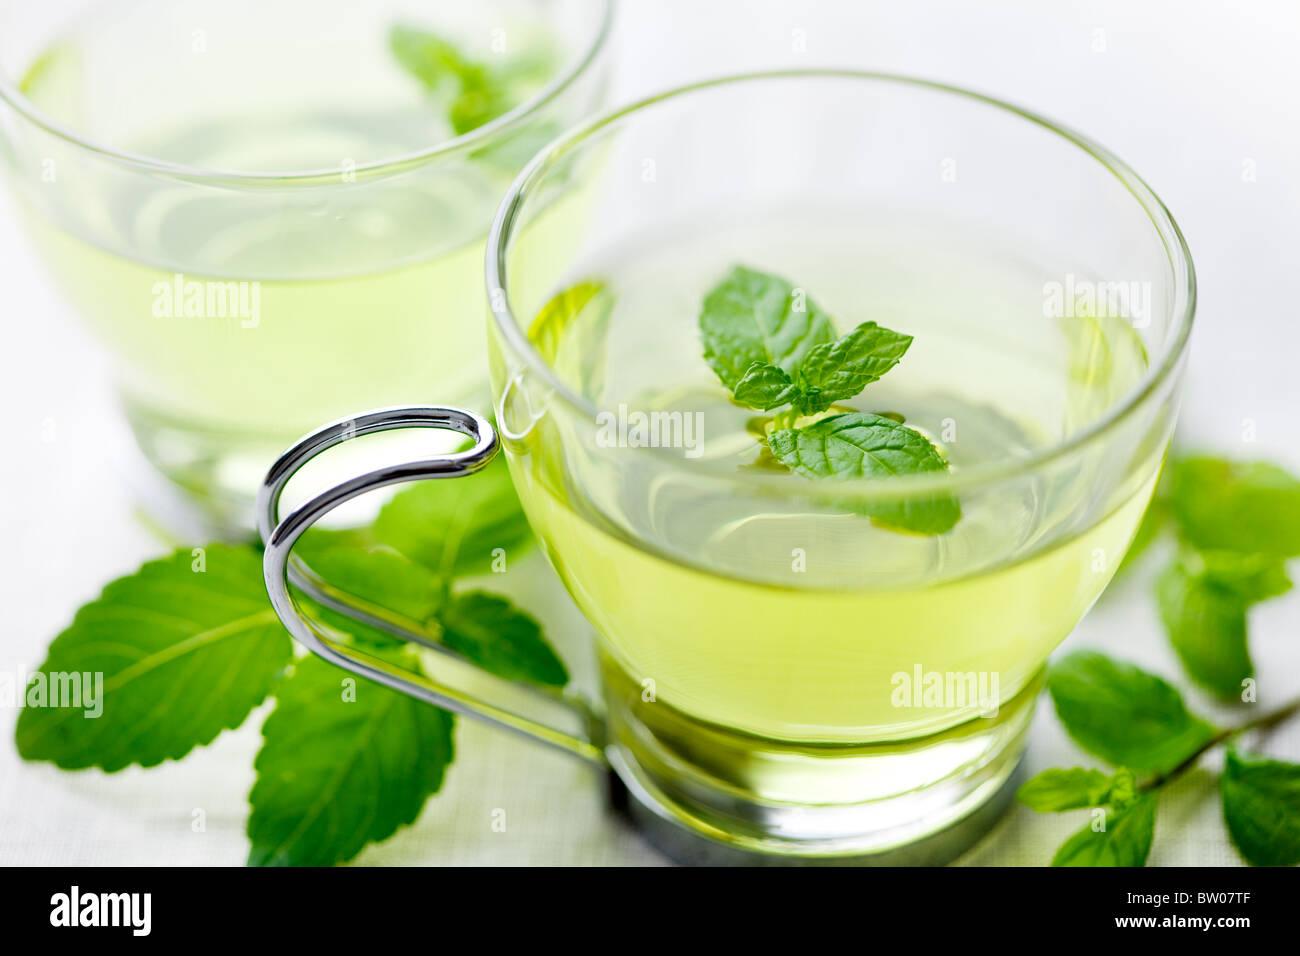 Nahaufnahme von frischer Minze Tee, umgeben von frischer Minze Stockbild